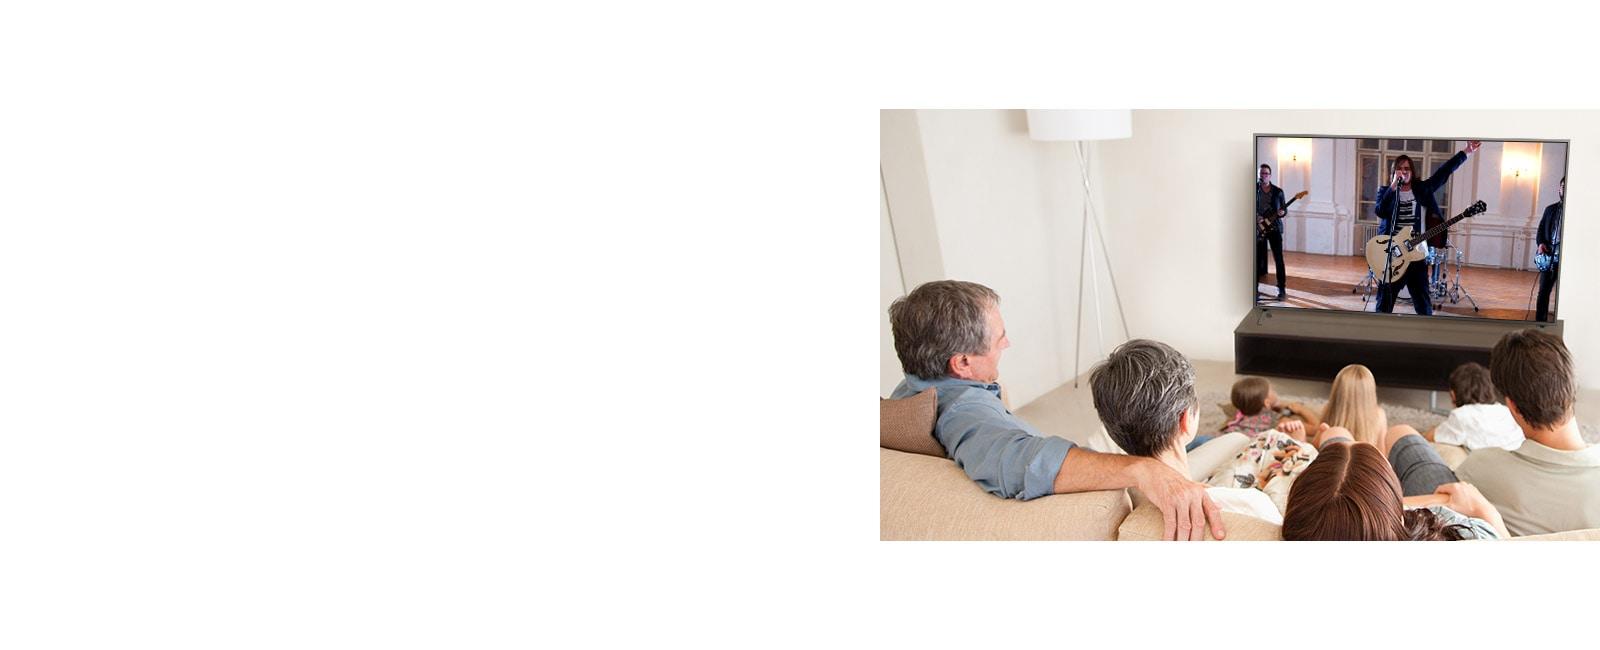 Tujuh anggota keluarga berkumpul di ruang santai sambil menonton film. Layar TV menyuguhkan penampilan sebuah band